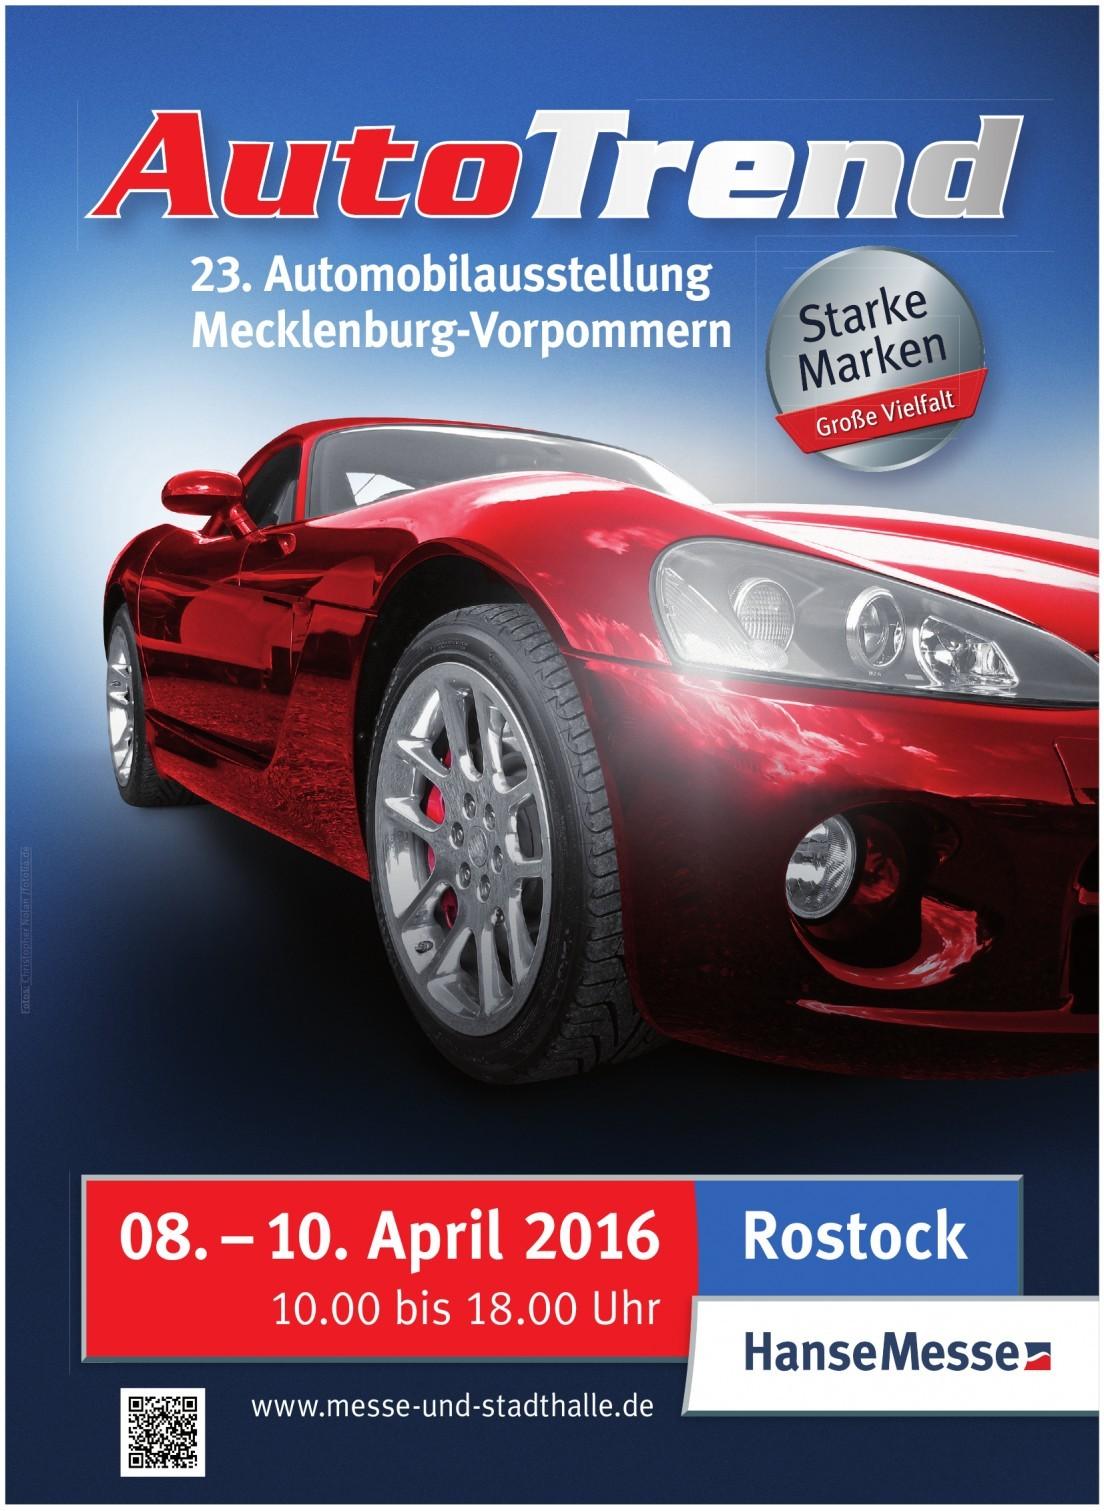 AutoTrend - Hanse Messe